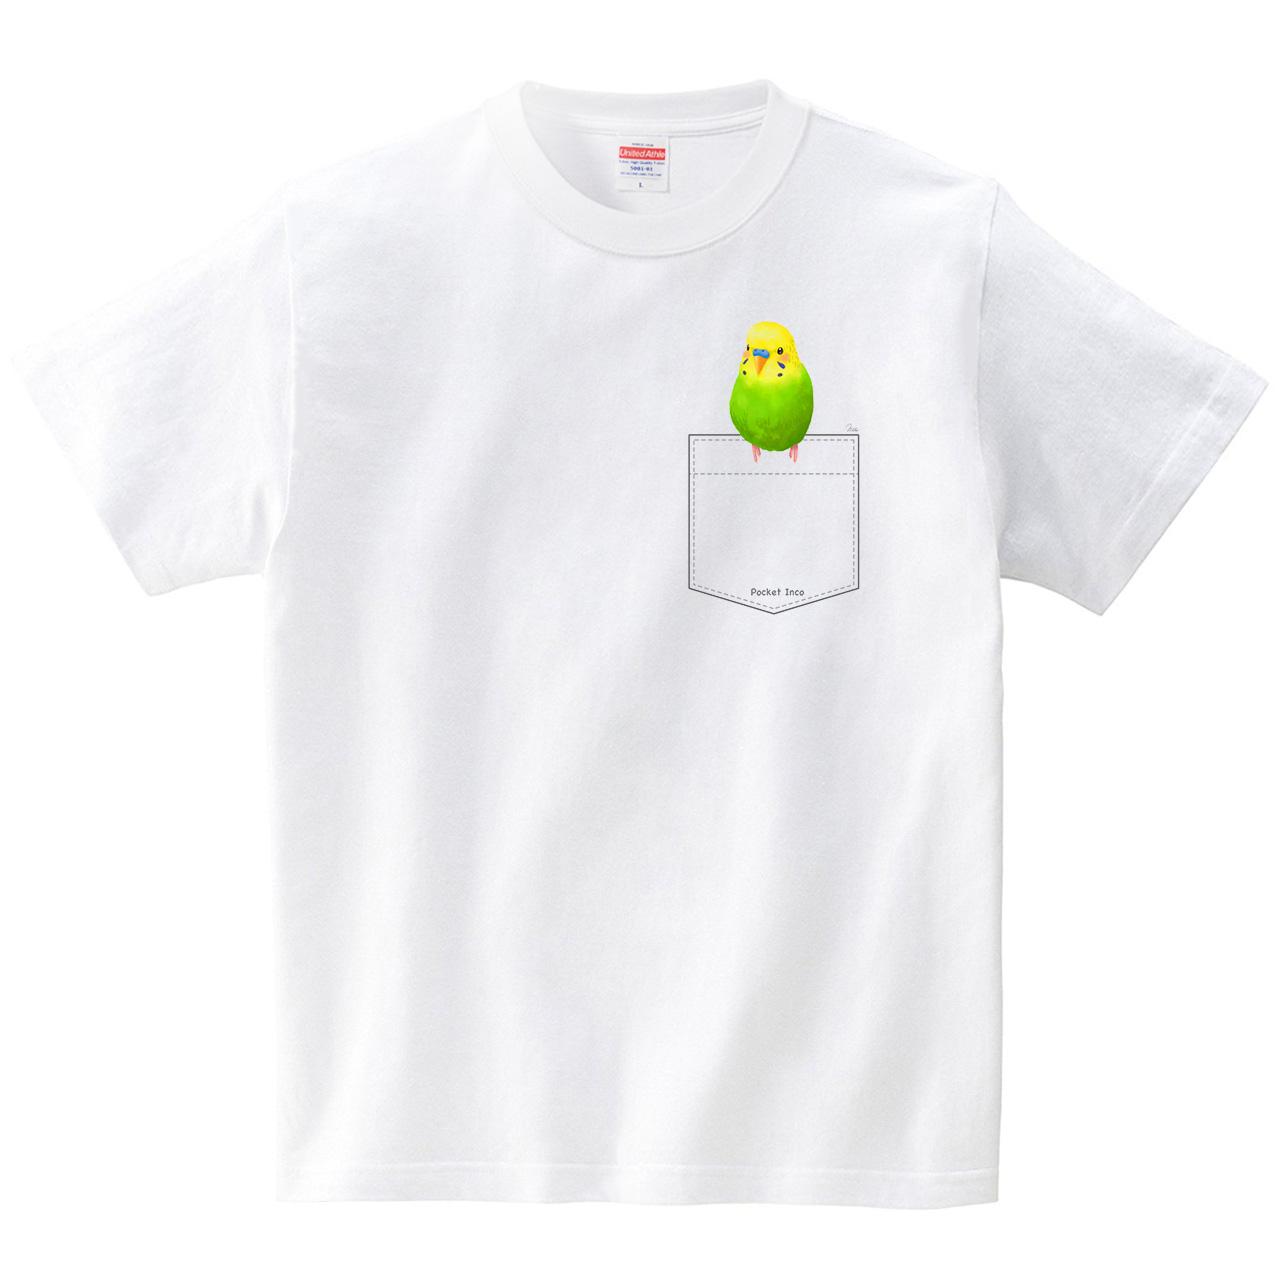 ぽけインコ2(Pocket Inco)(Tシャツ・ホワイト)(イシイミホ)